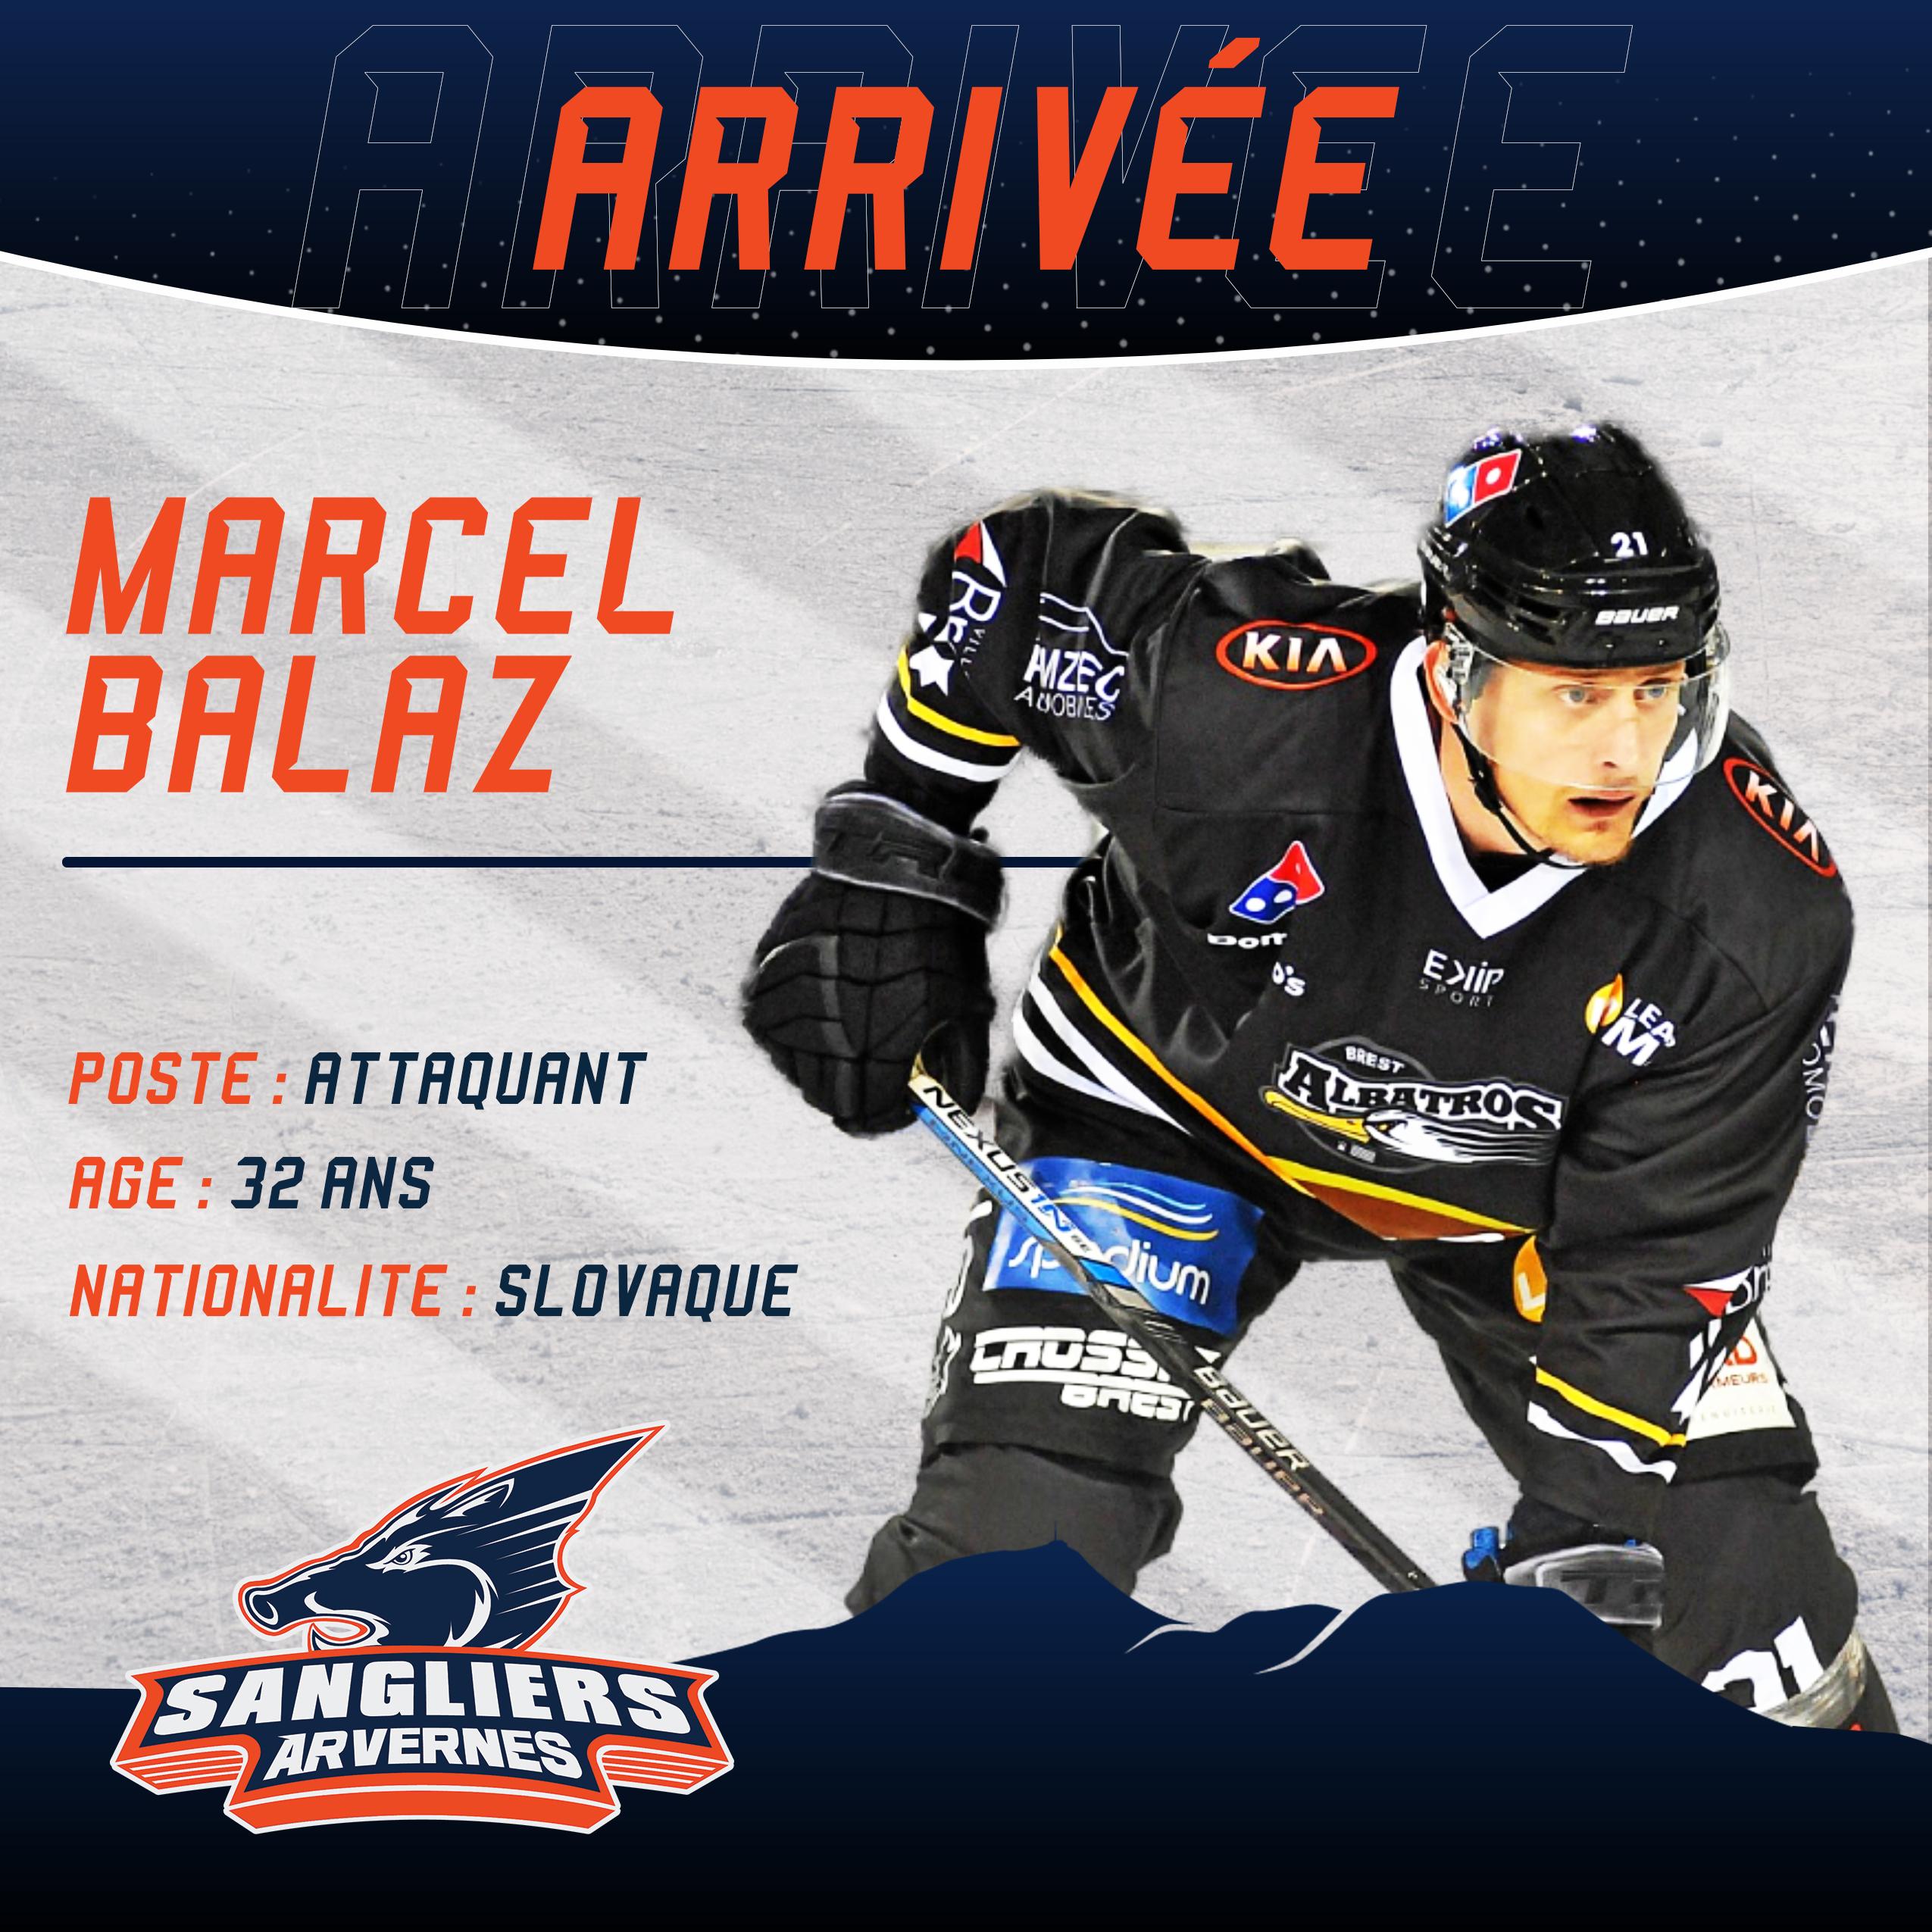 ✅ [INTERSAISON] Arrivée de Marcel BALAZ